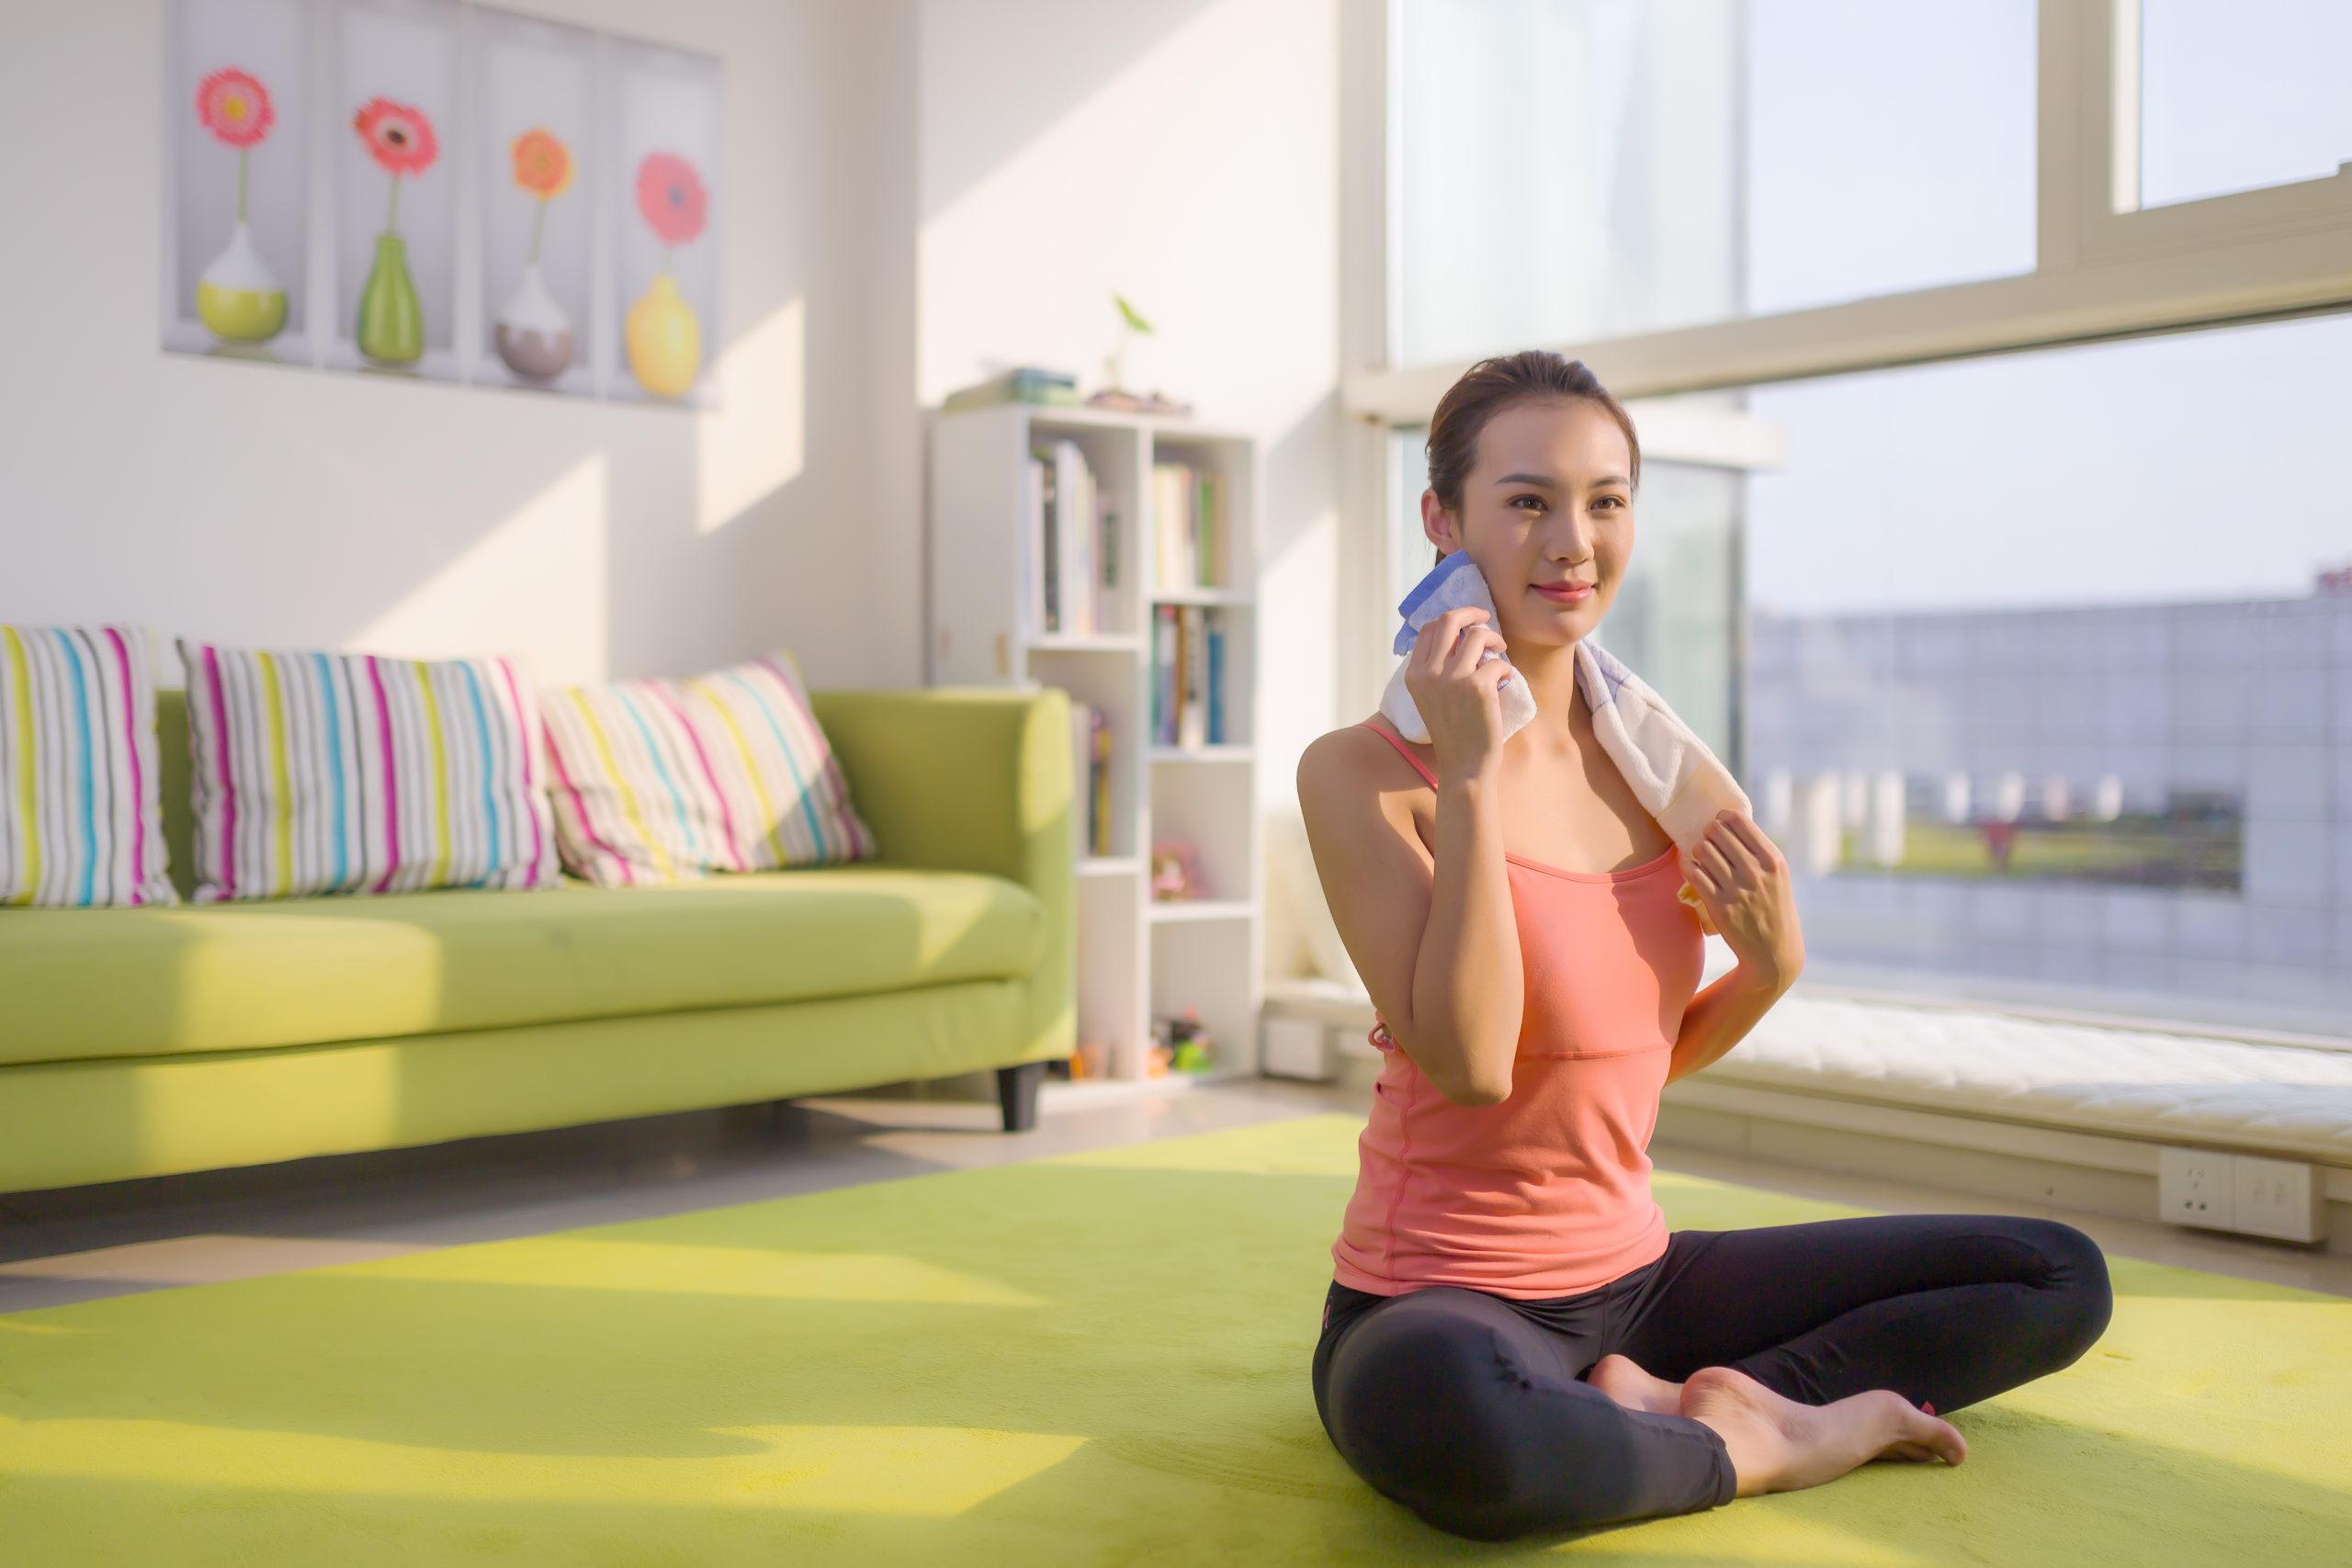 Il fitness si fa digital: 5 trend del settore nella Cina post Coronavirus